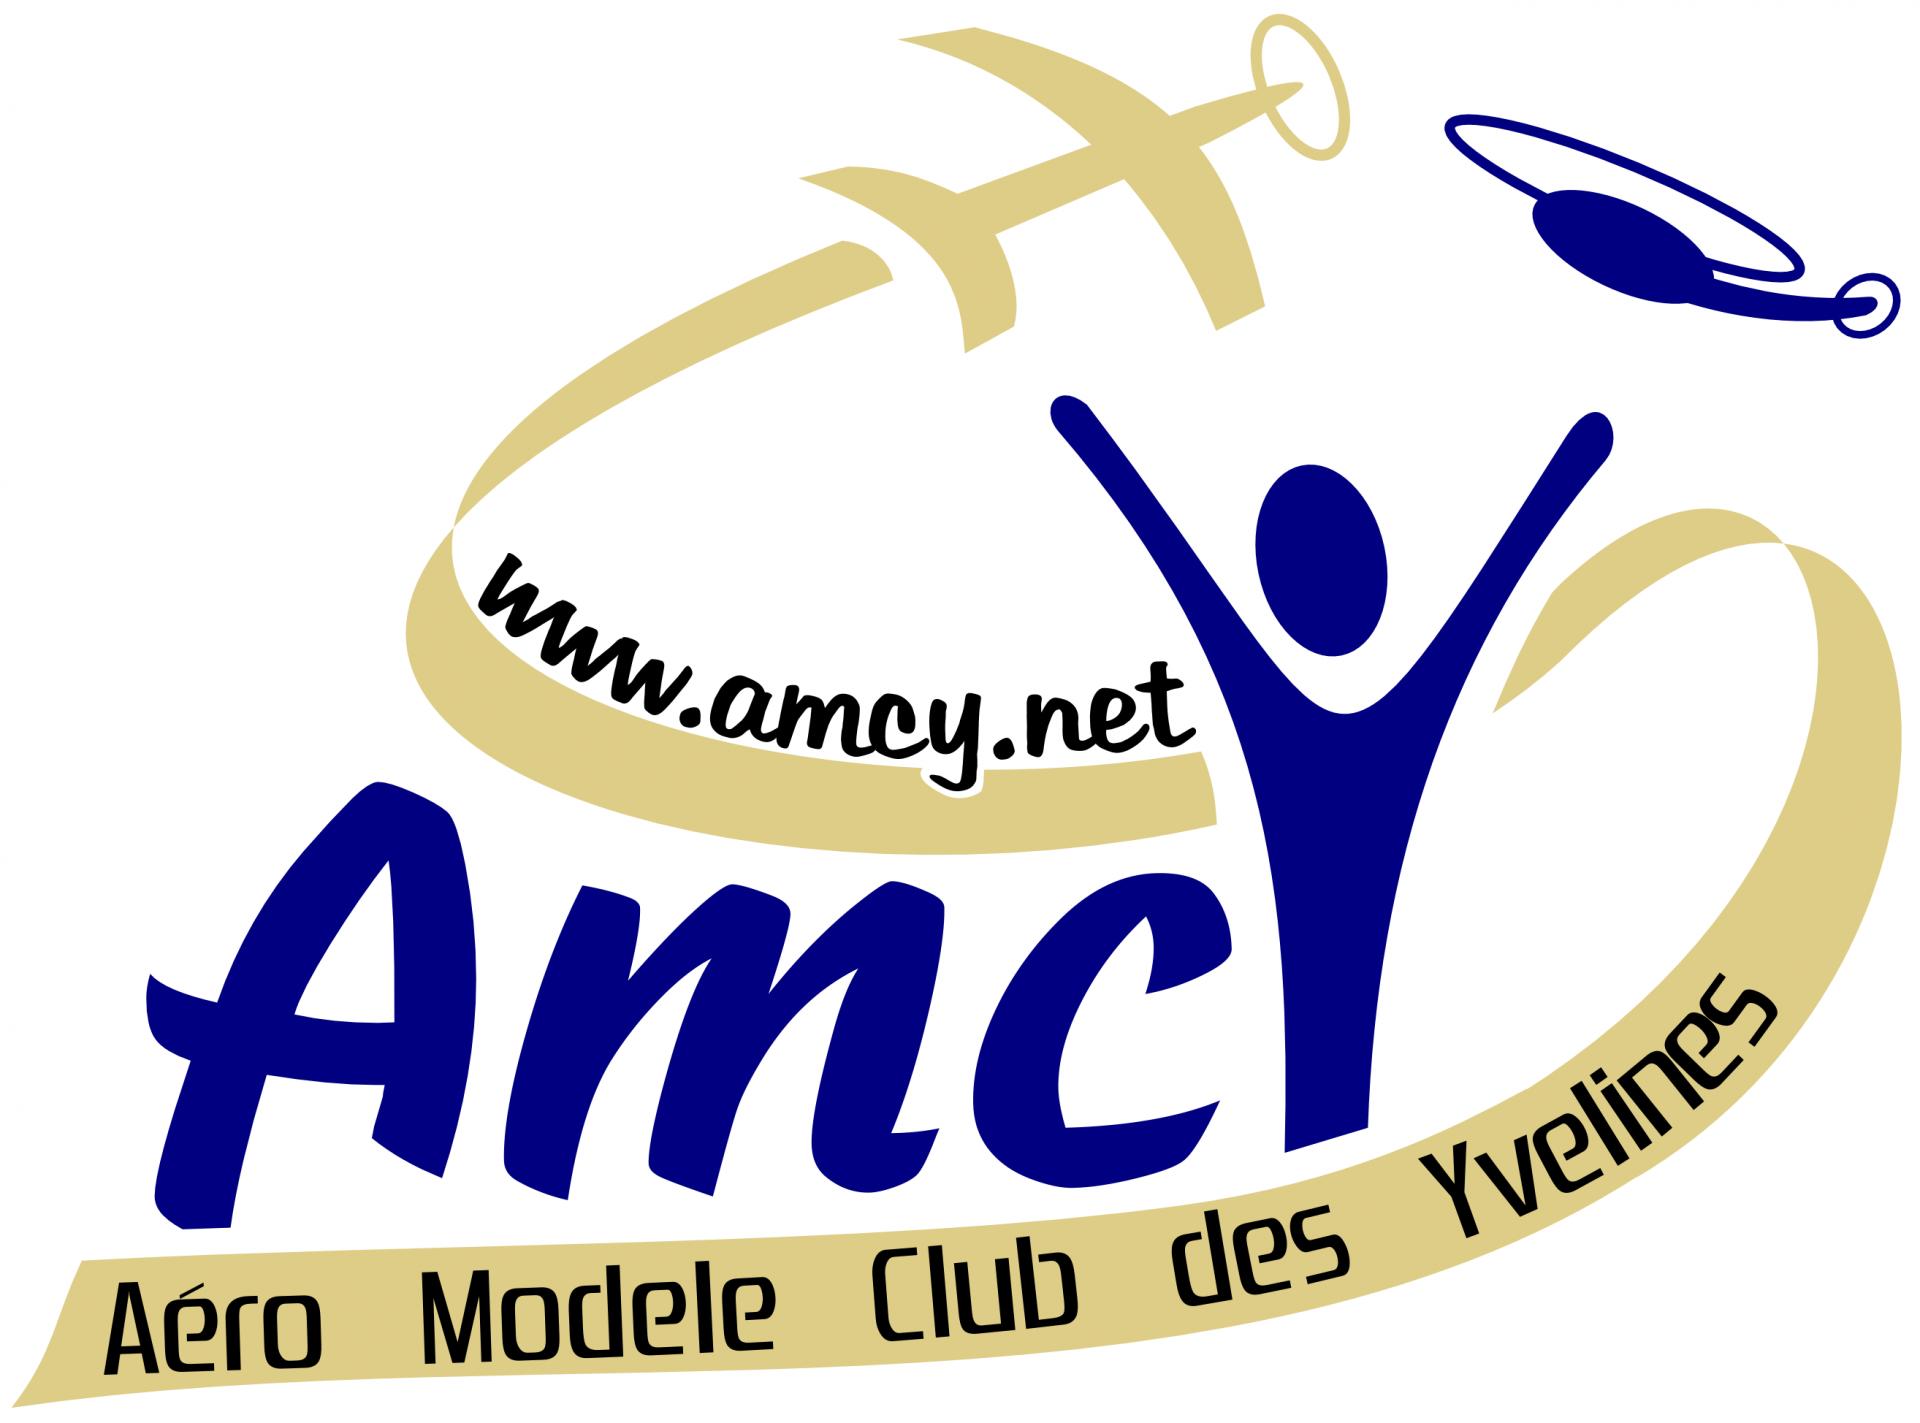 Logo amcy diversity fond blanc